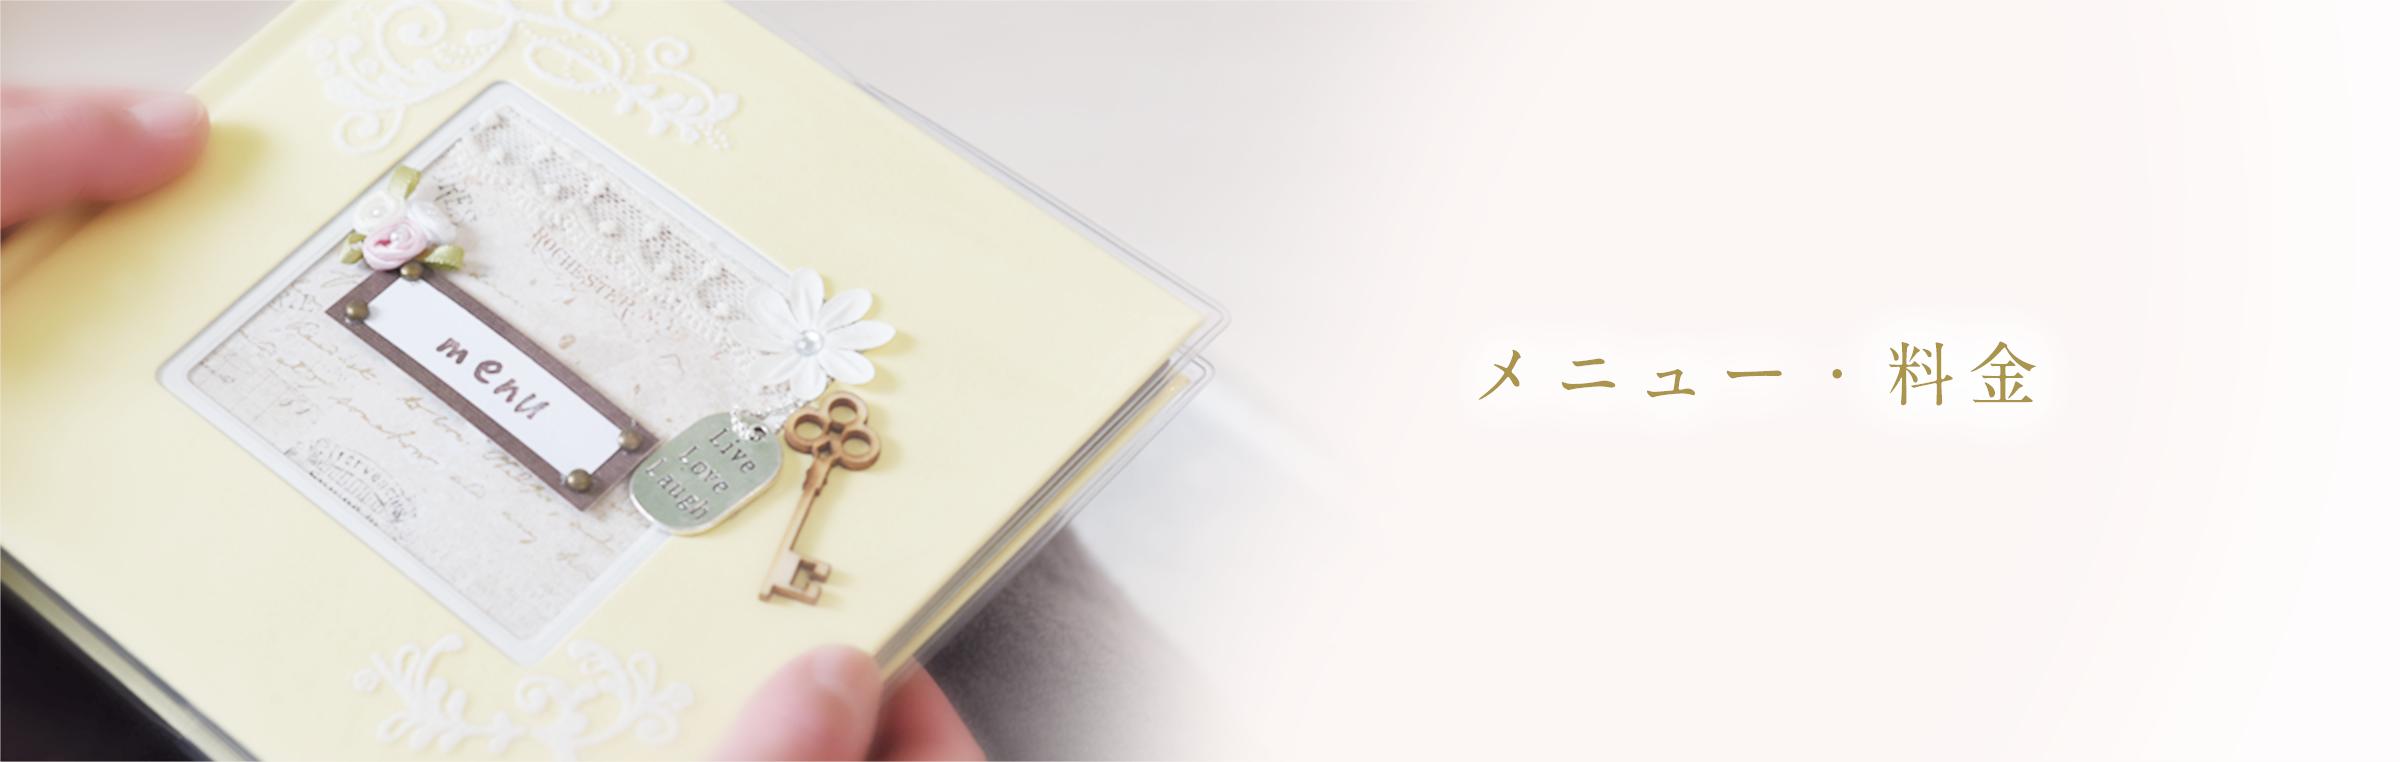 メニュー・料金 – 美脚メイク